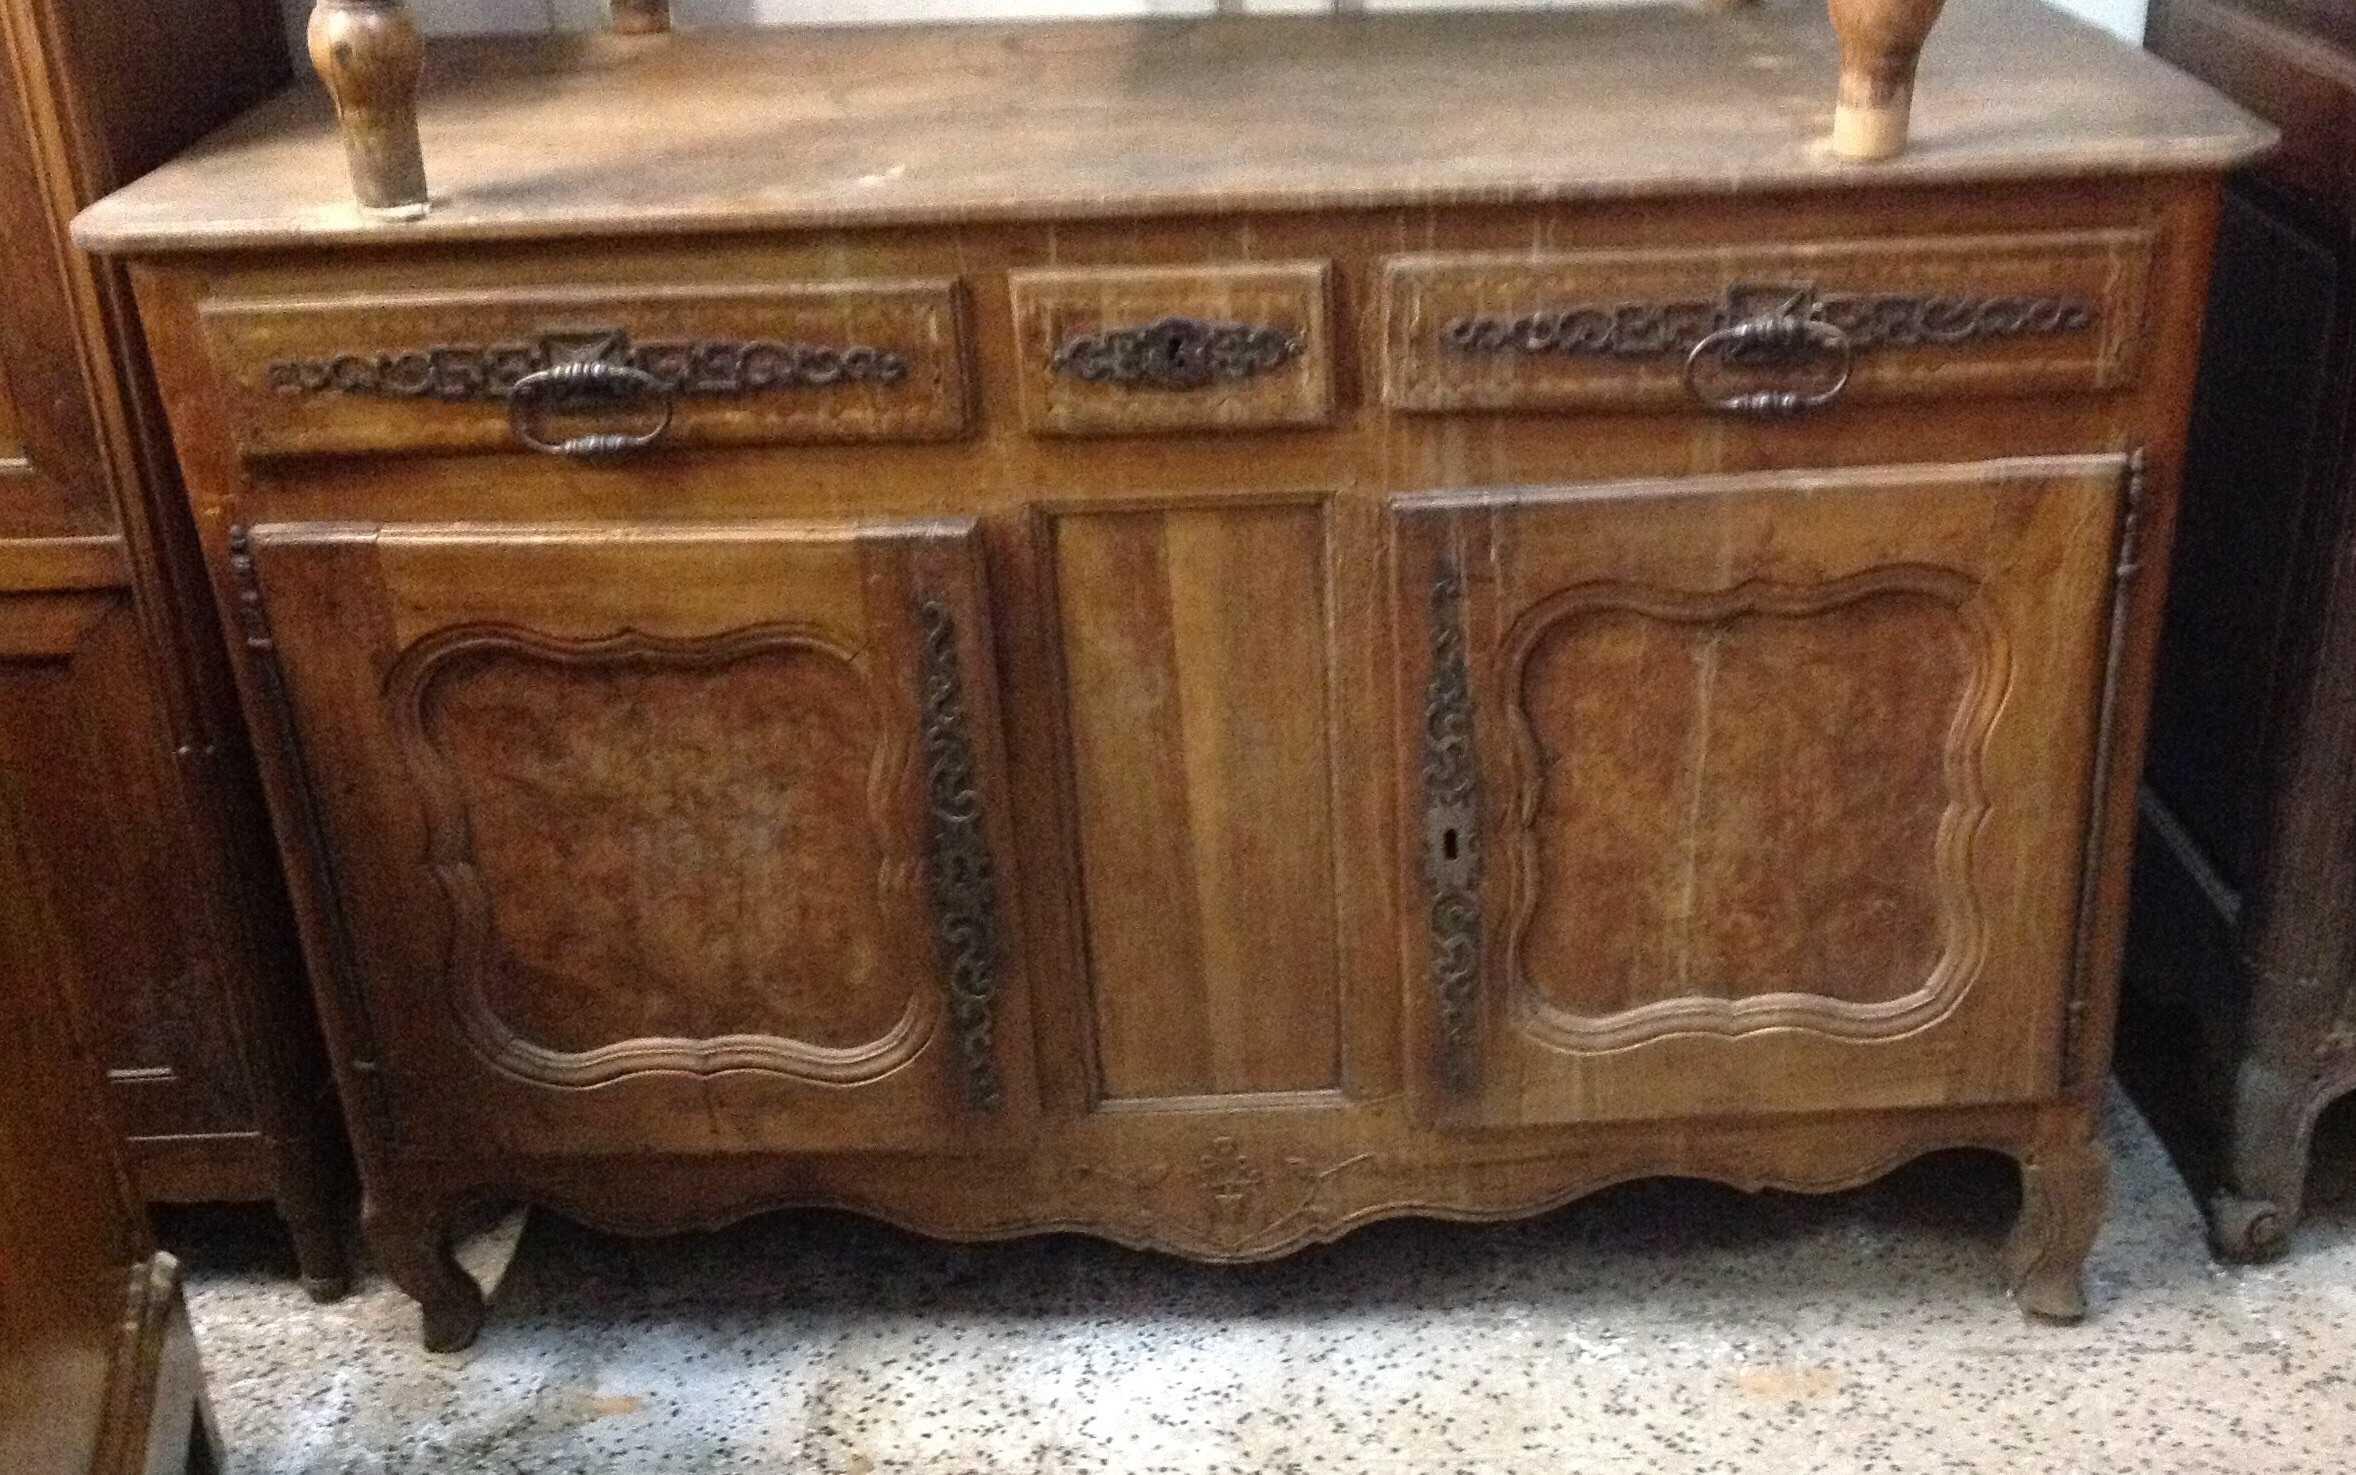 Credenze arredamento mobili antiquariato musetti - Mobili fine 800 ...